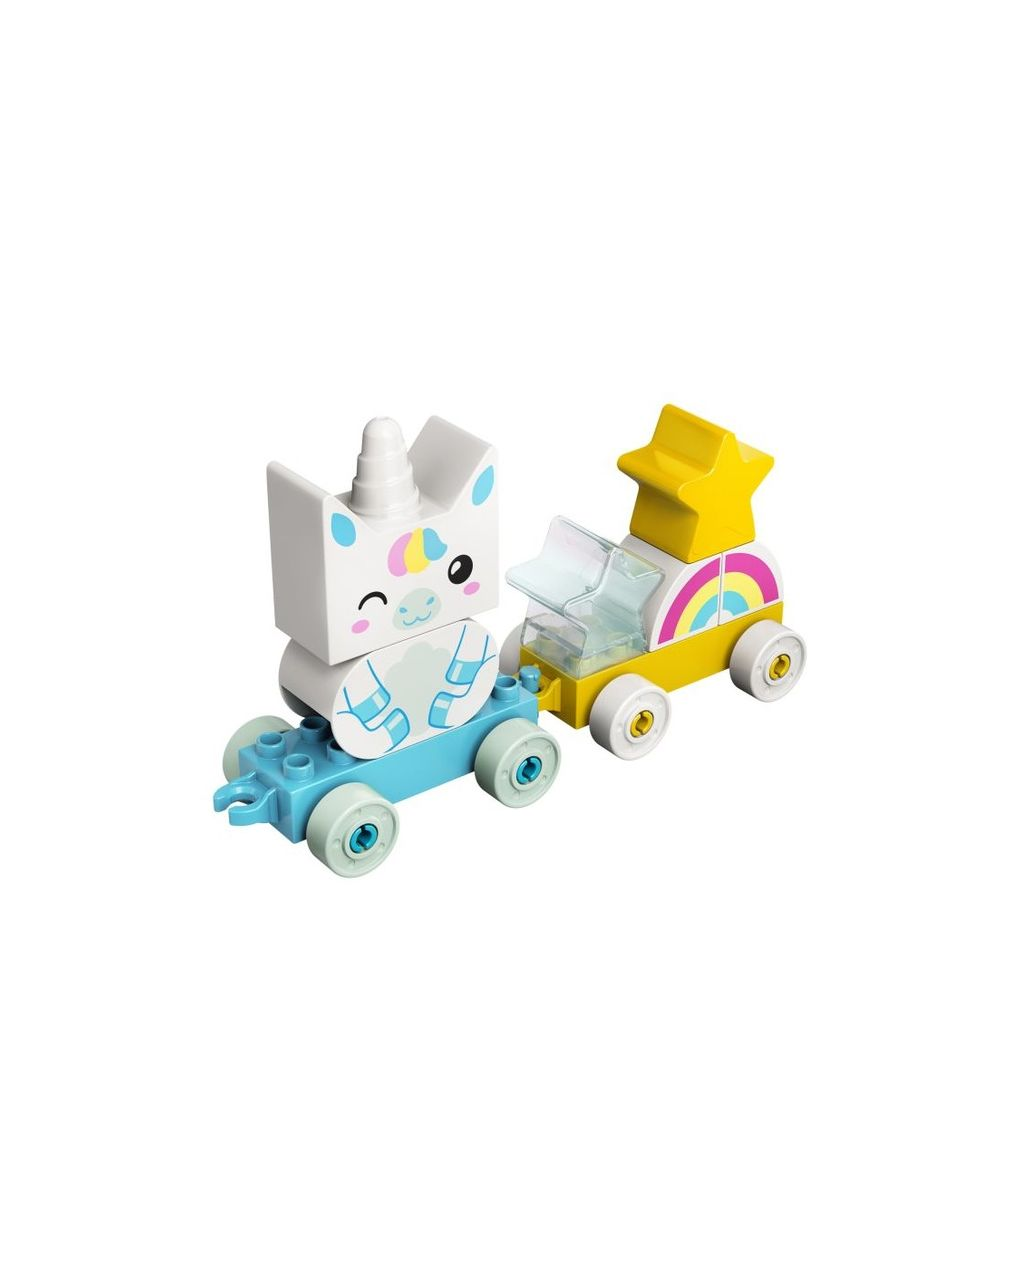 Lego duplo -  unicorno - LEGO Duplo